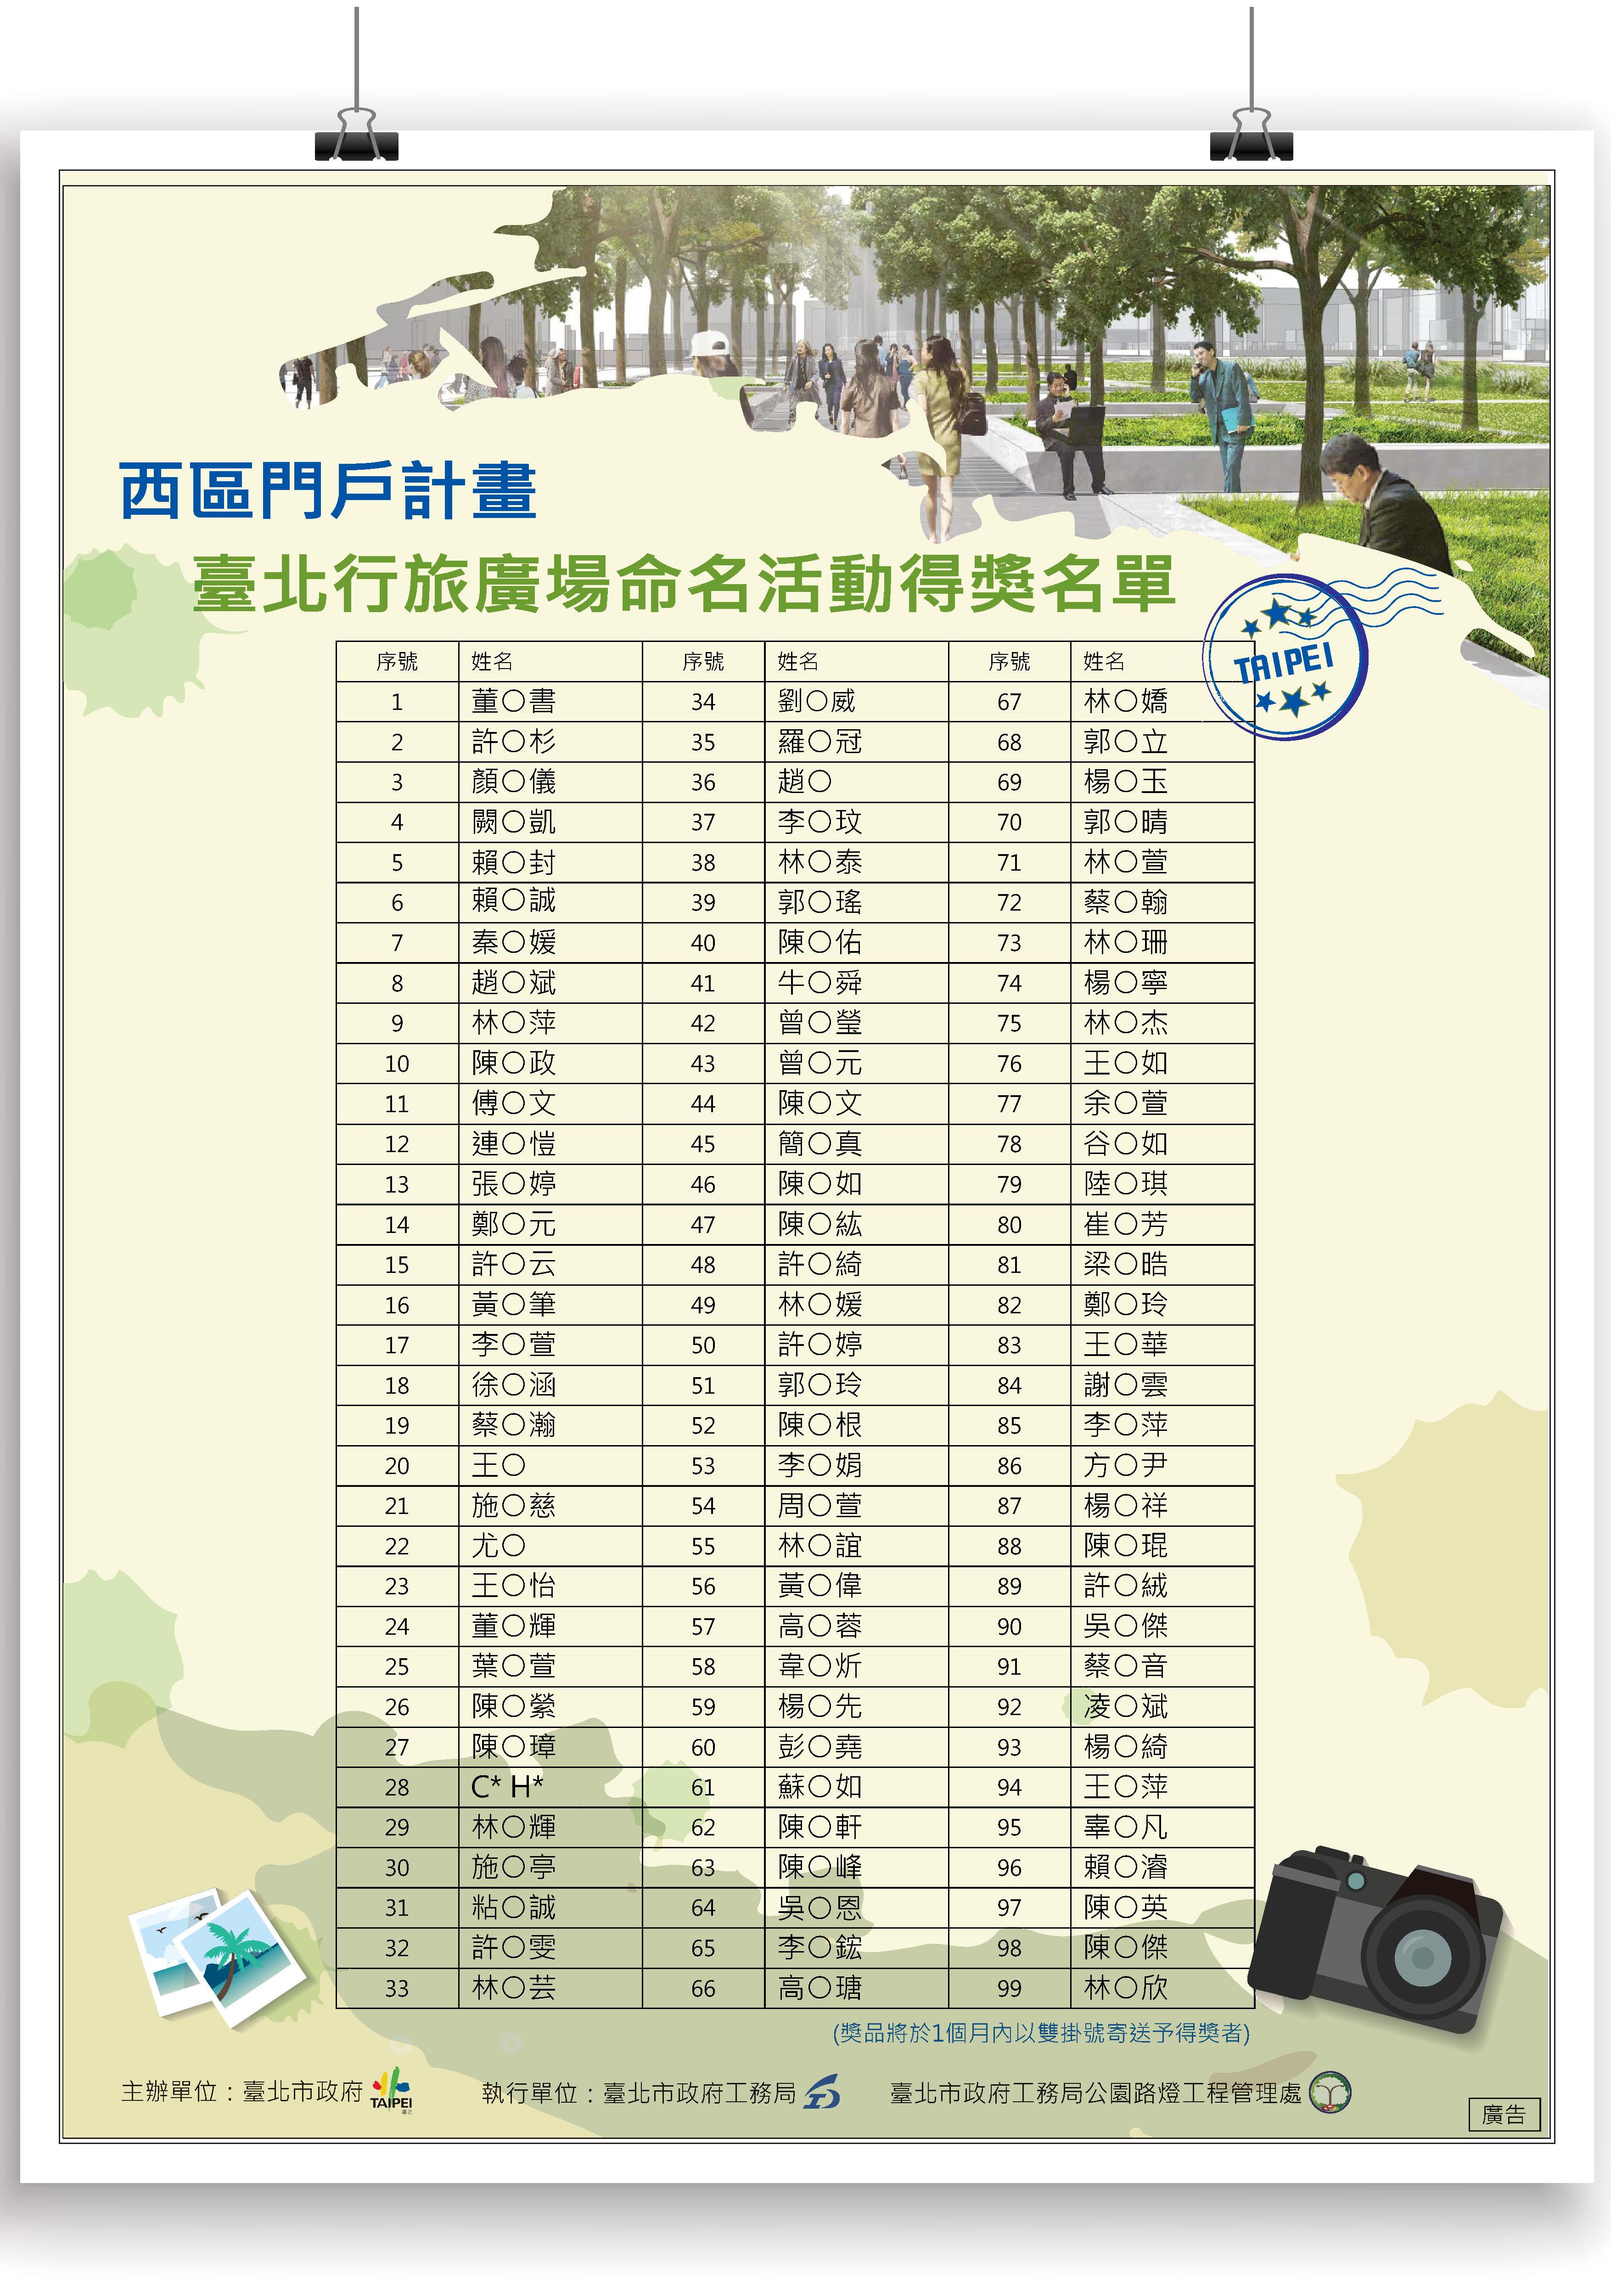 圖1. 臺北行旅廣場命名活動得獎名單